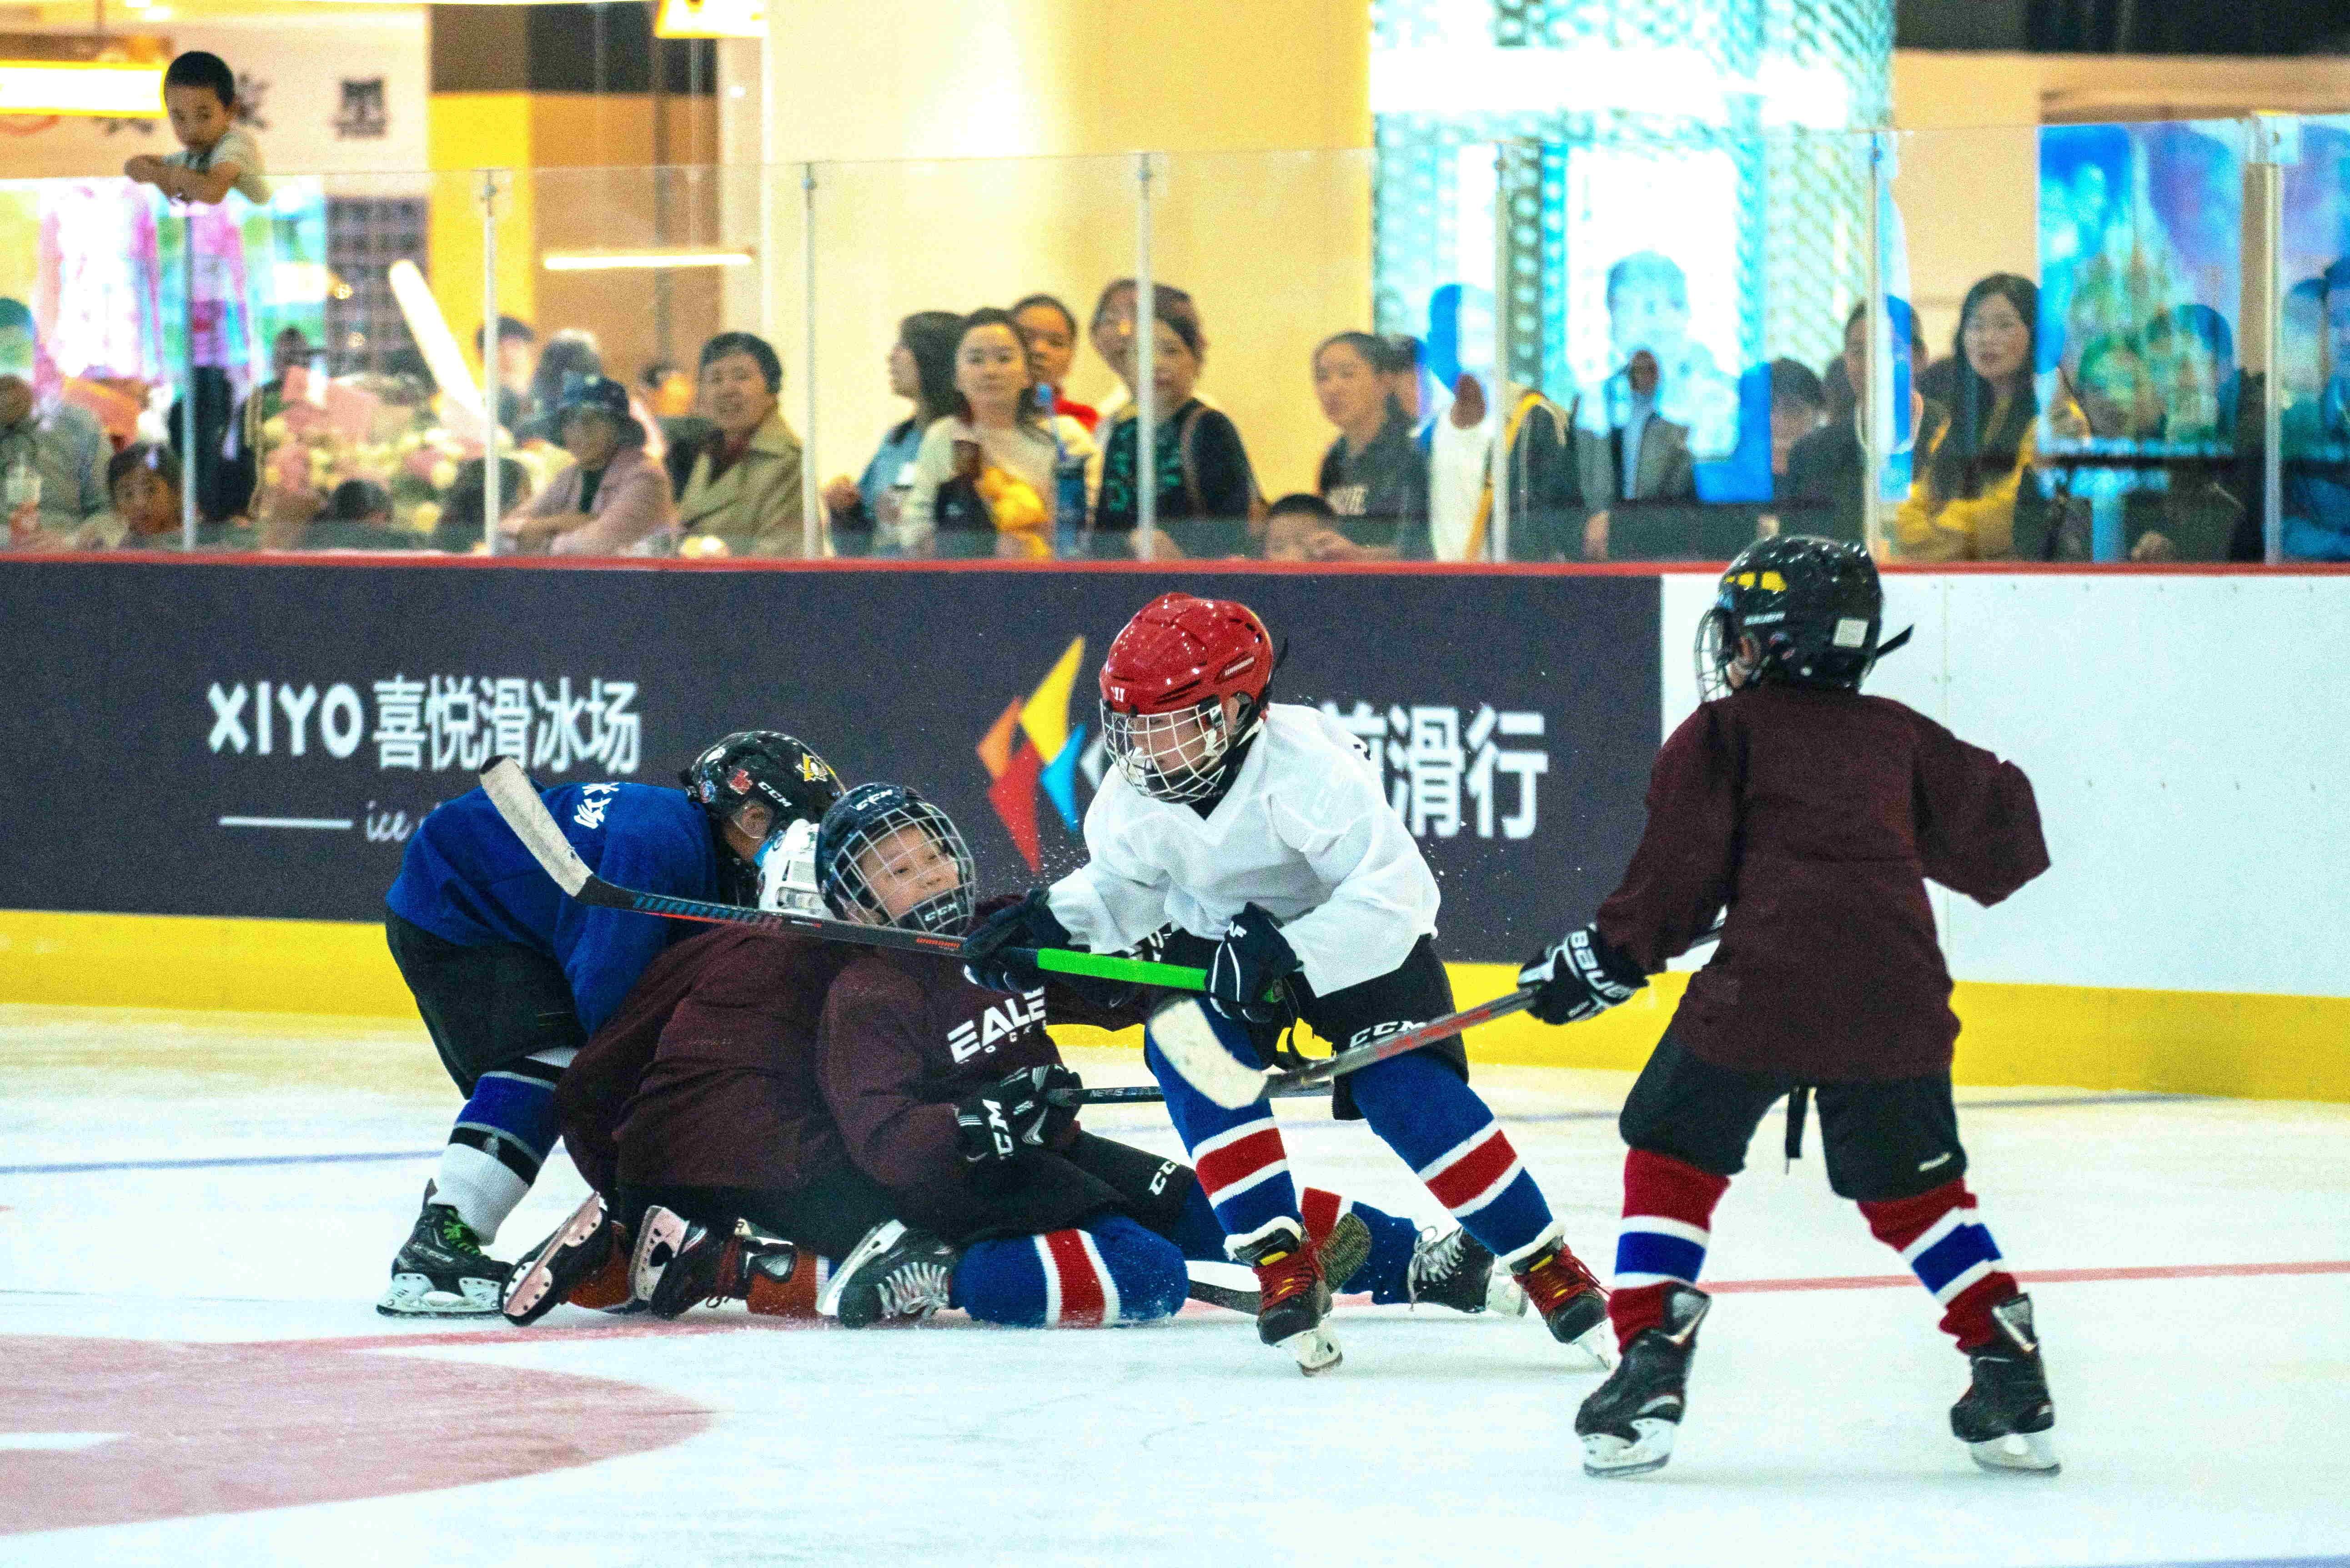 冰球比赛1.jpg